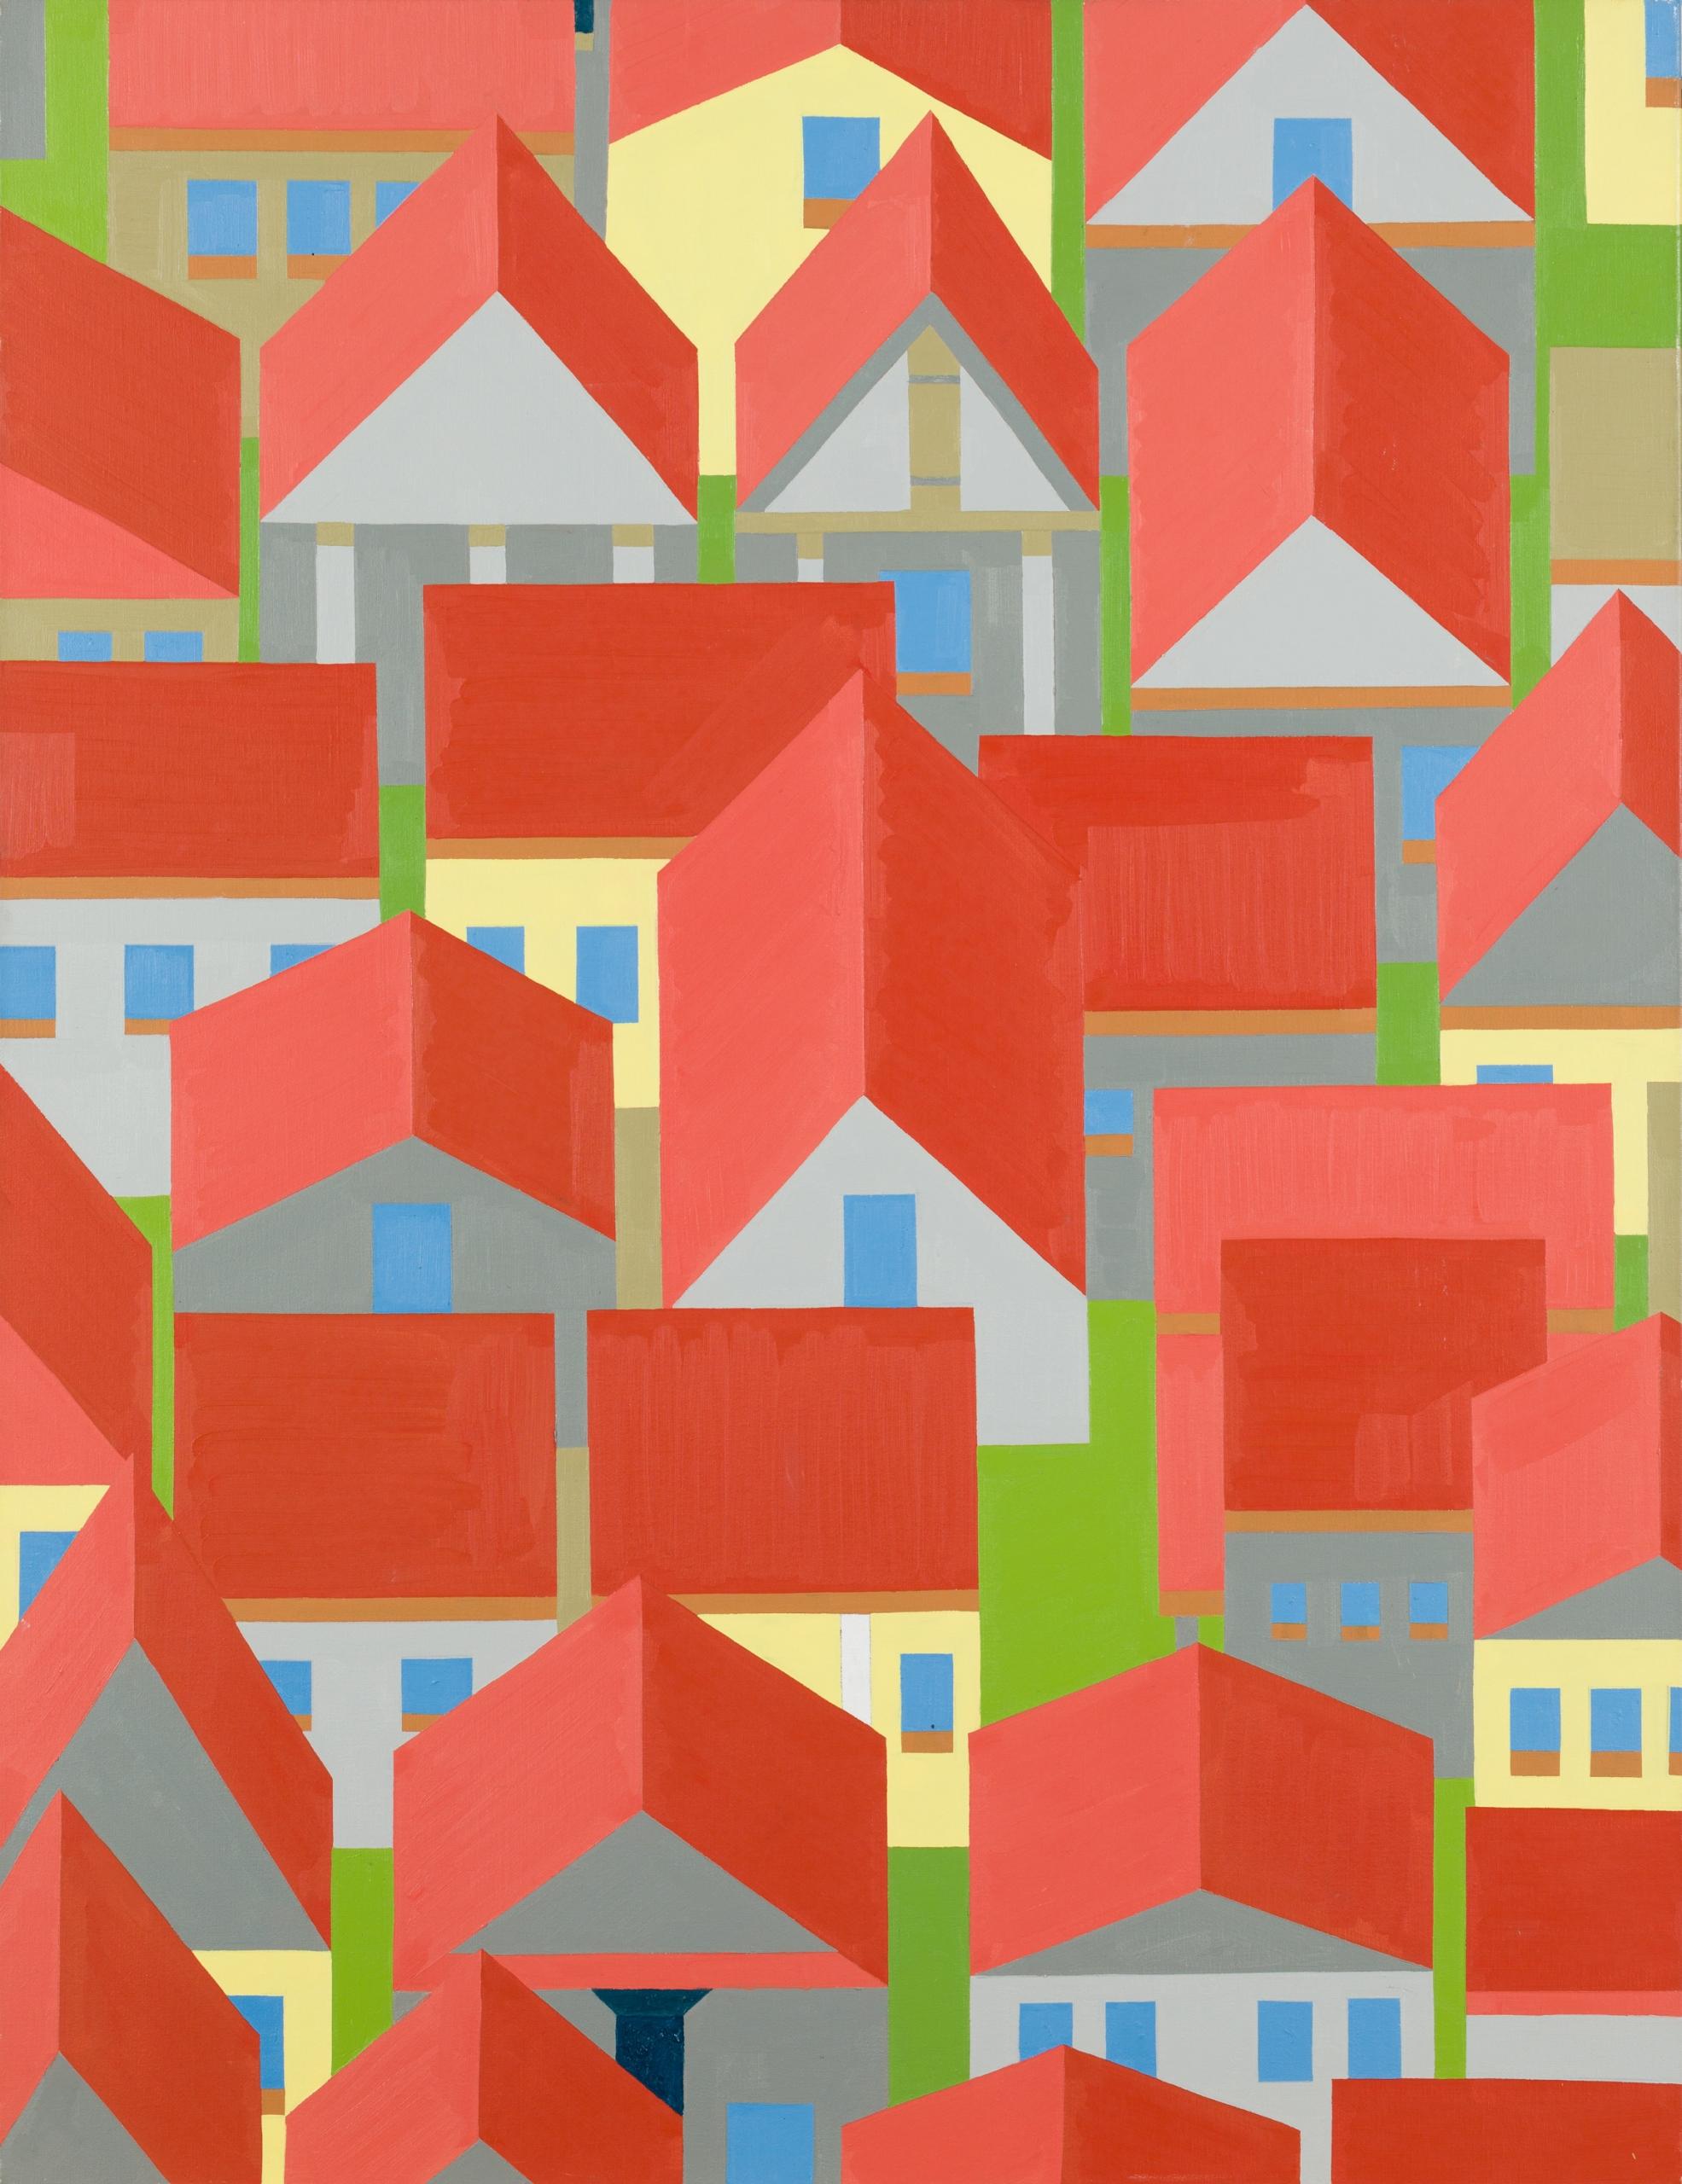 Hubert Schmalix, Ohne Titel (Häuserbild)